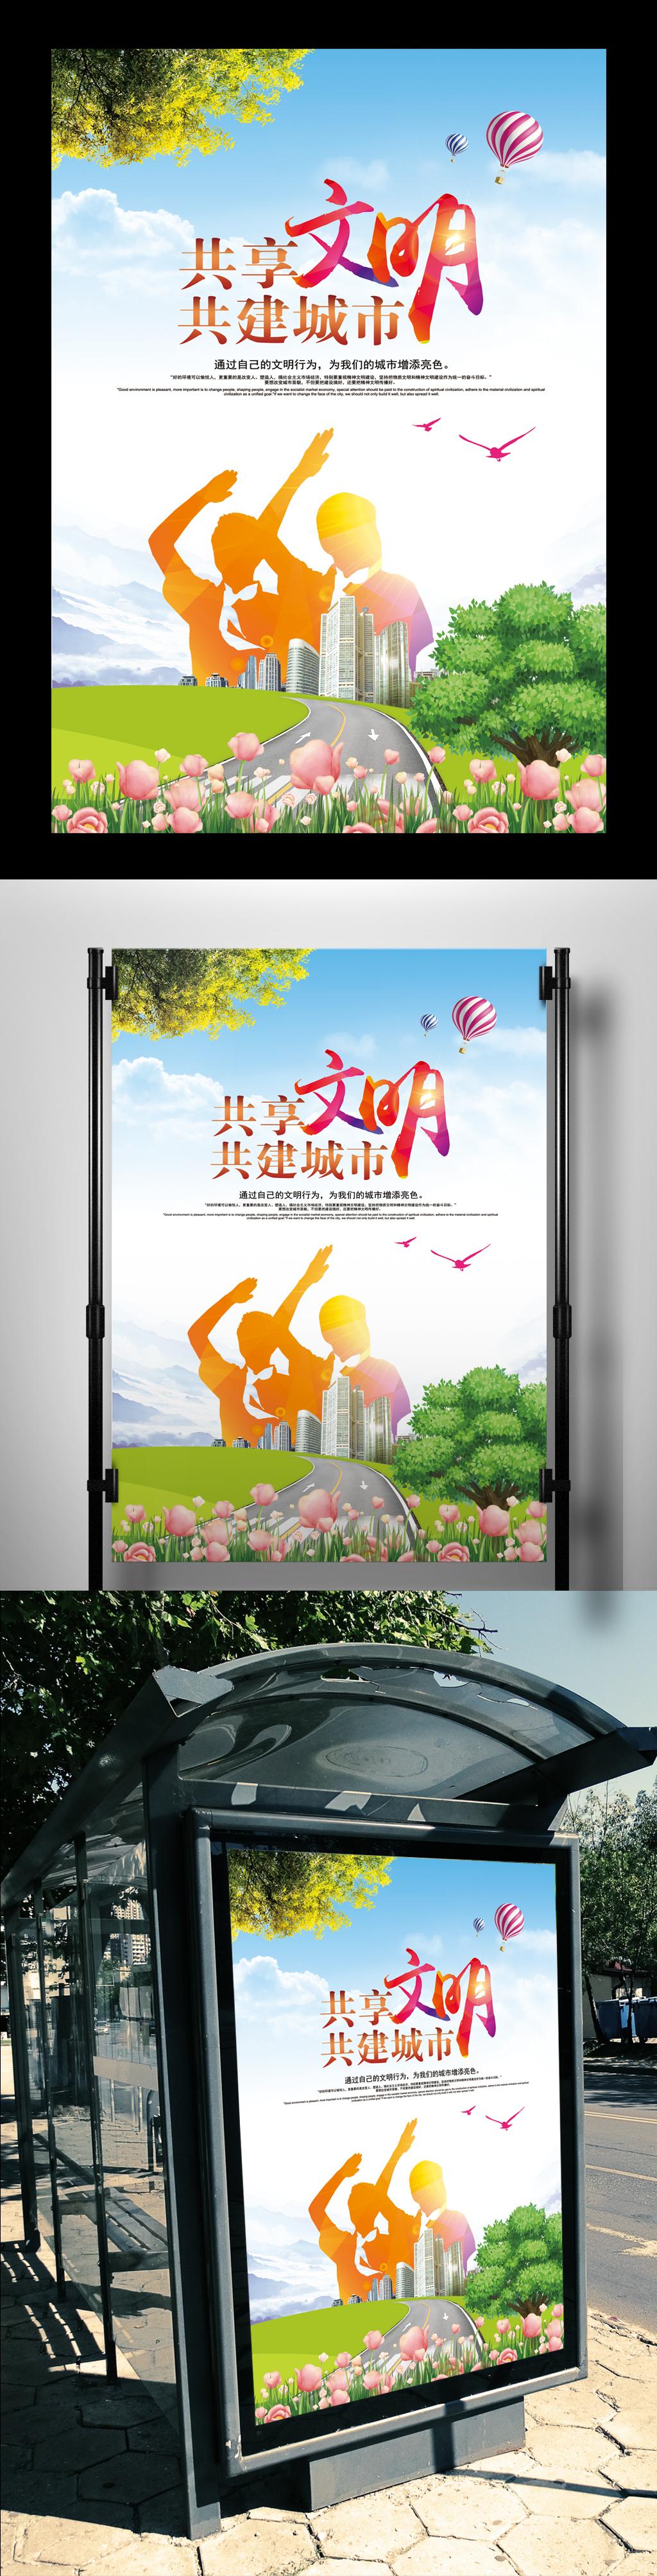 共享共建城市文明社区公益海报展板背景psd素材